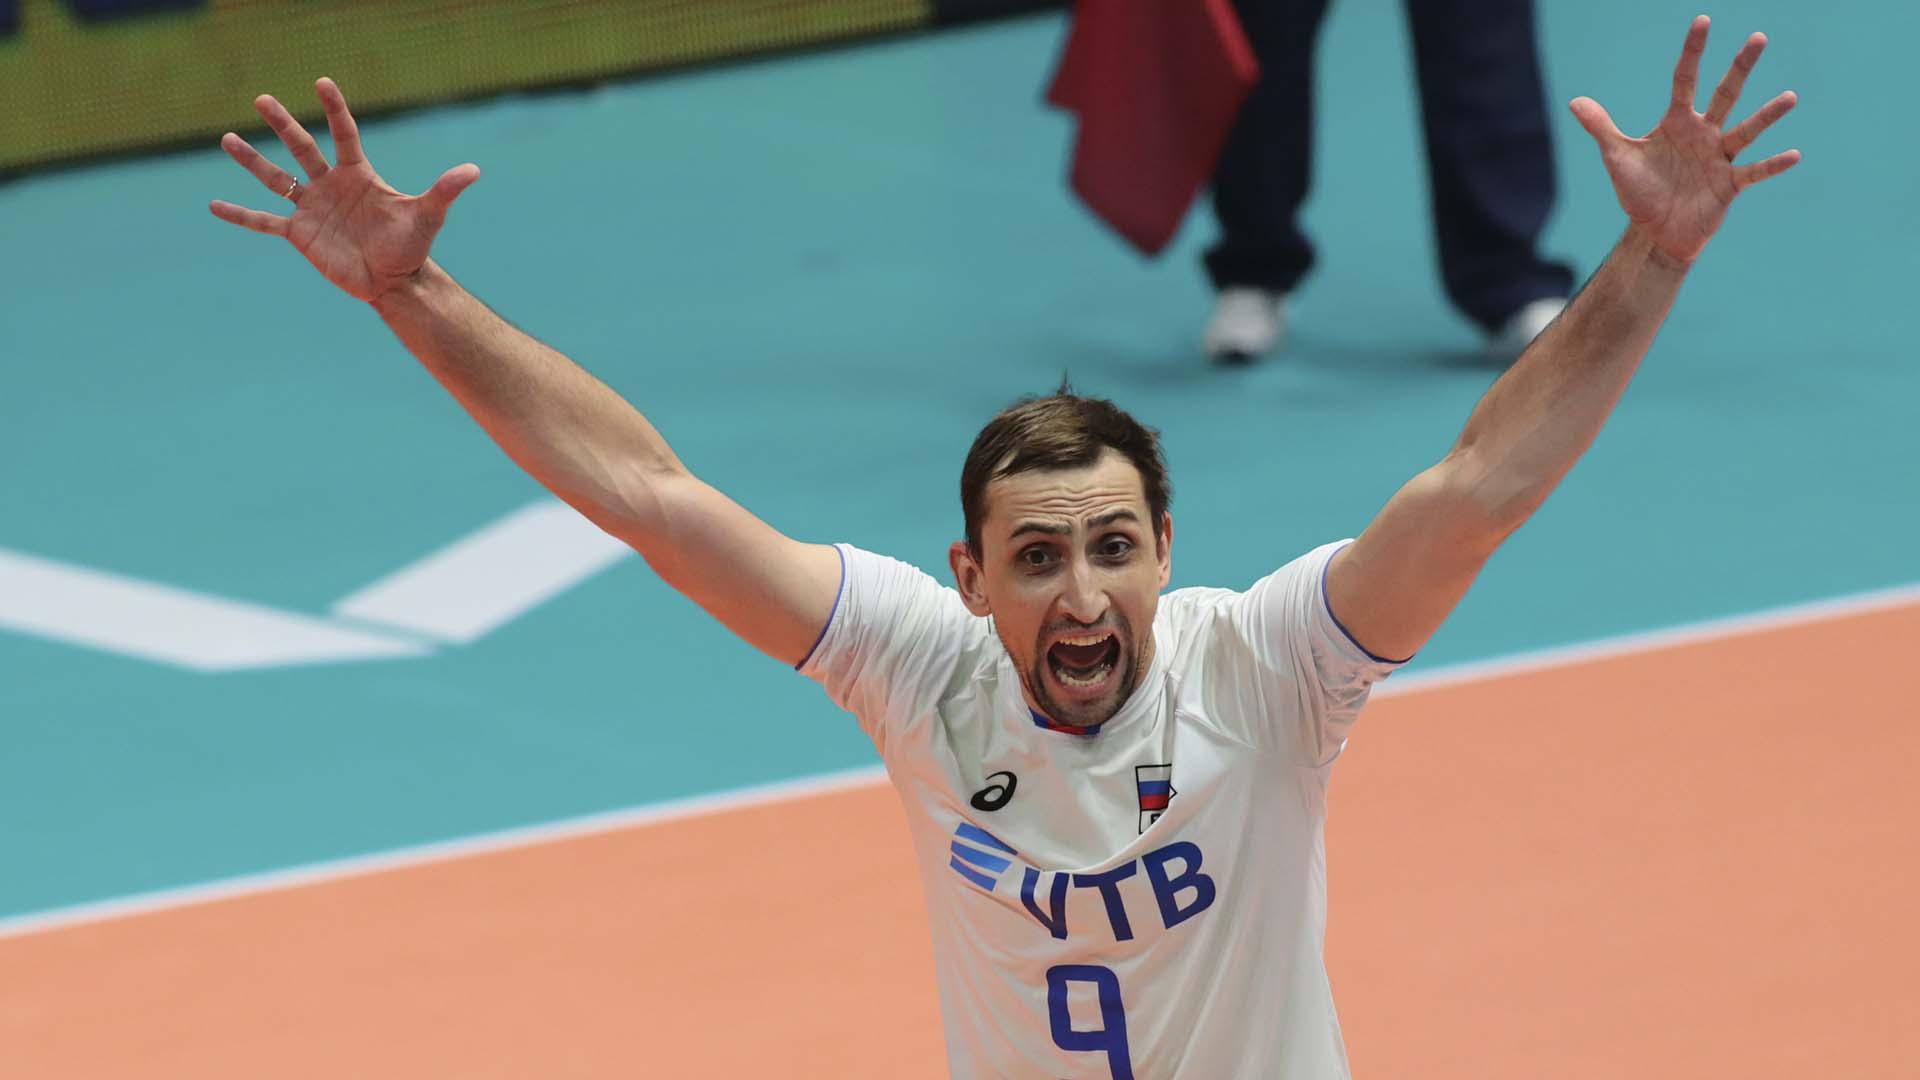 melhores líberos de vôlei do mundo Alexander Sokolov